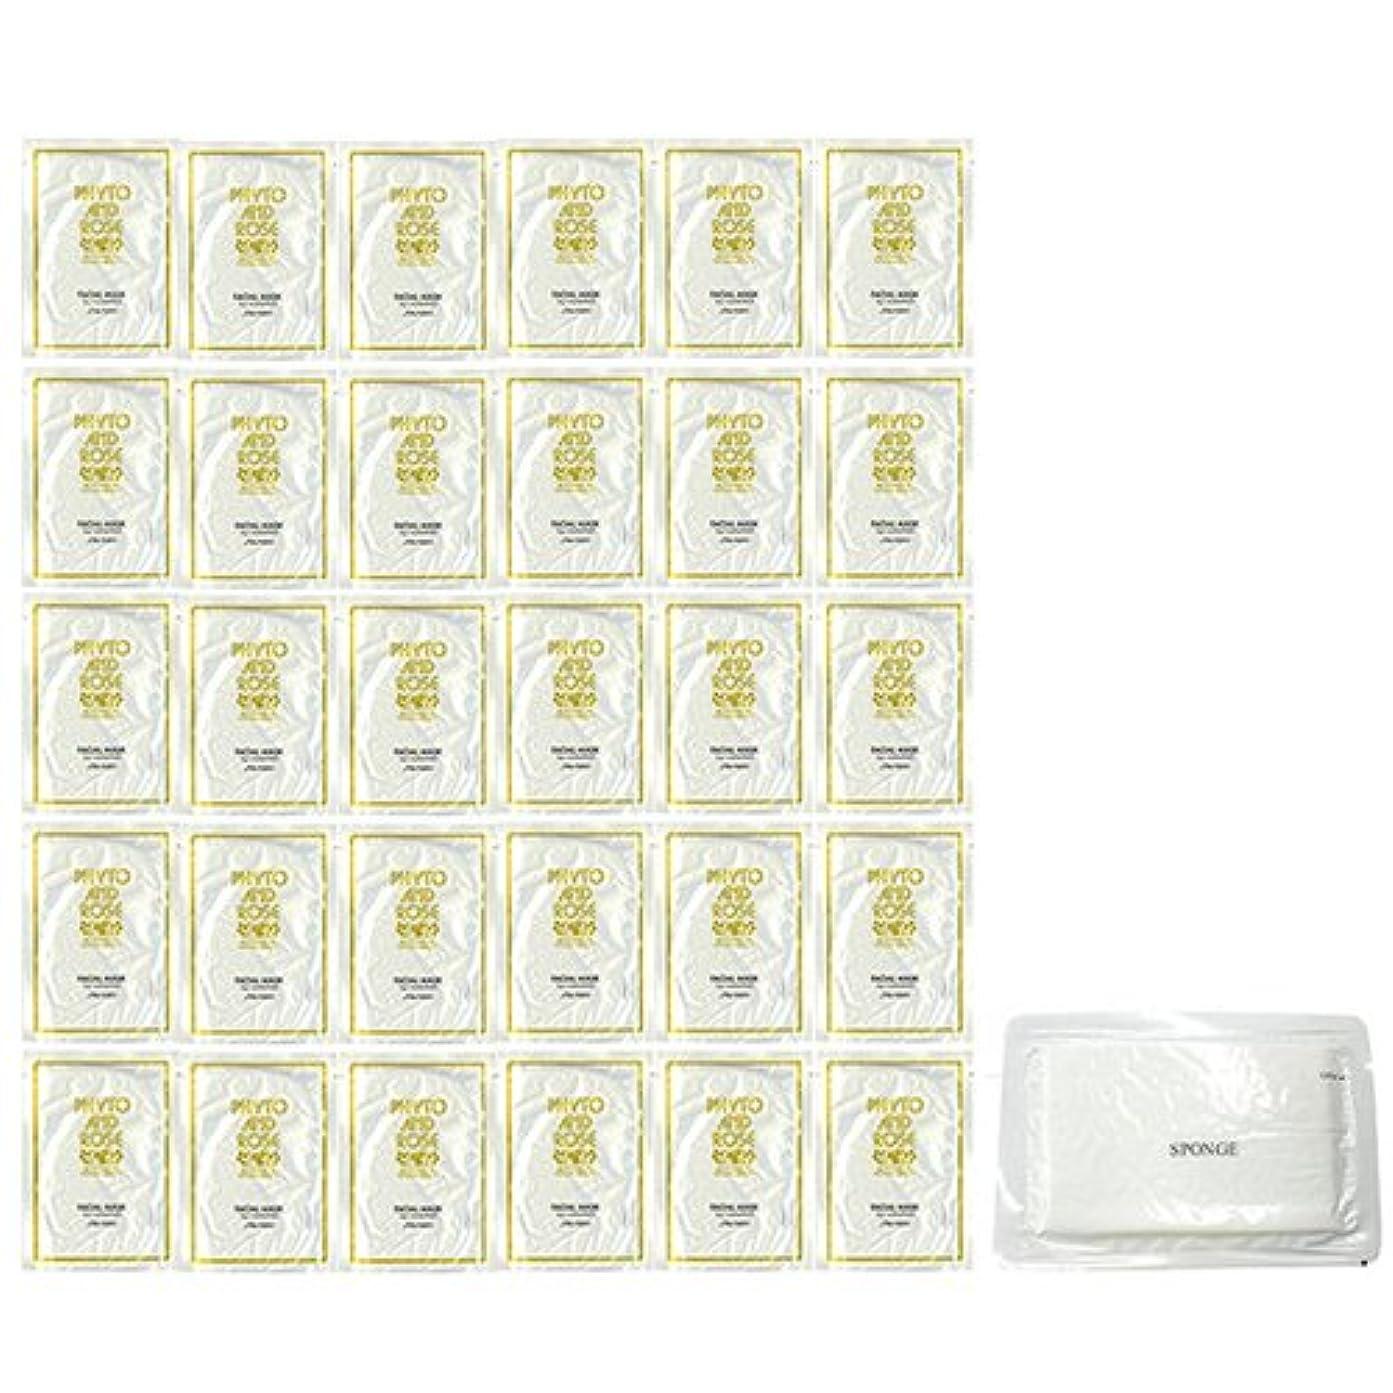 ゴール老朽化したつまらない資生堂 フィト アンド ローズ パウチ ハンドアンドボディミルク 10ml × 30個 + 圧縮スポンジセット